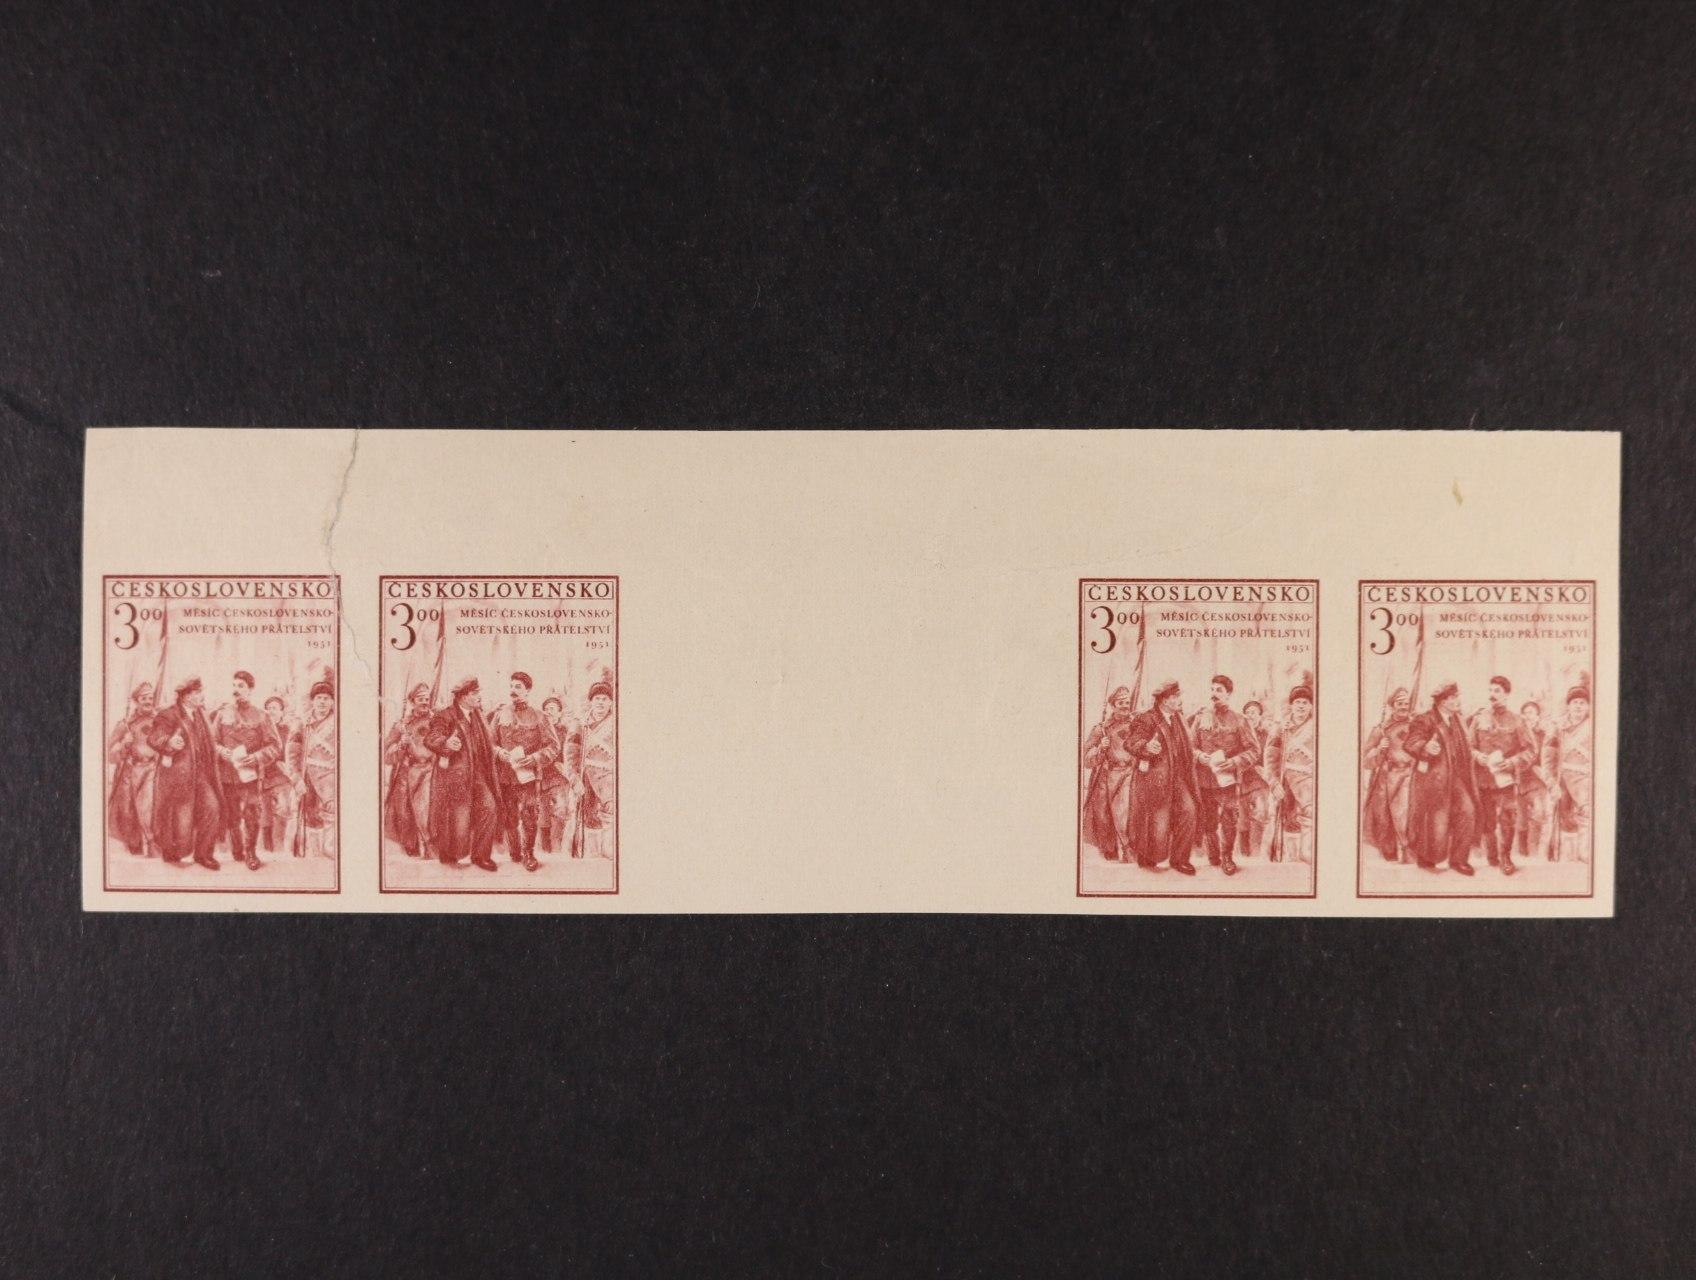 zn. č. 621 - čtyřzn. vodorovné meziarší s horním okrajem, vlevo přes první zn. natržené, zajímavé, k prohlédnutí